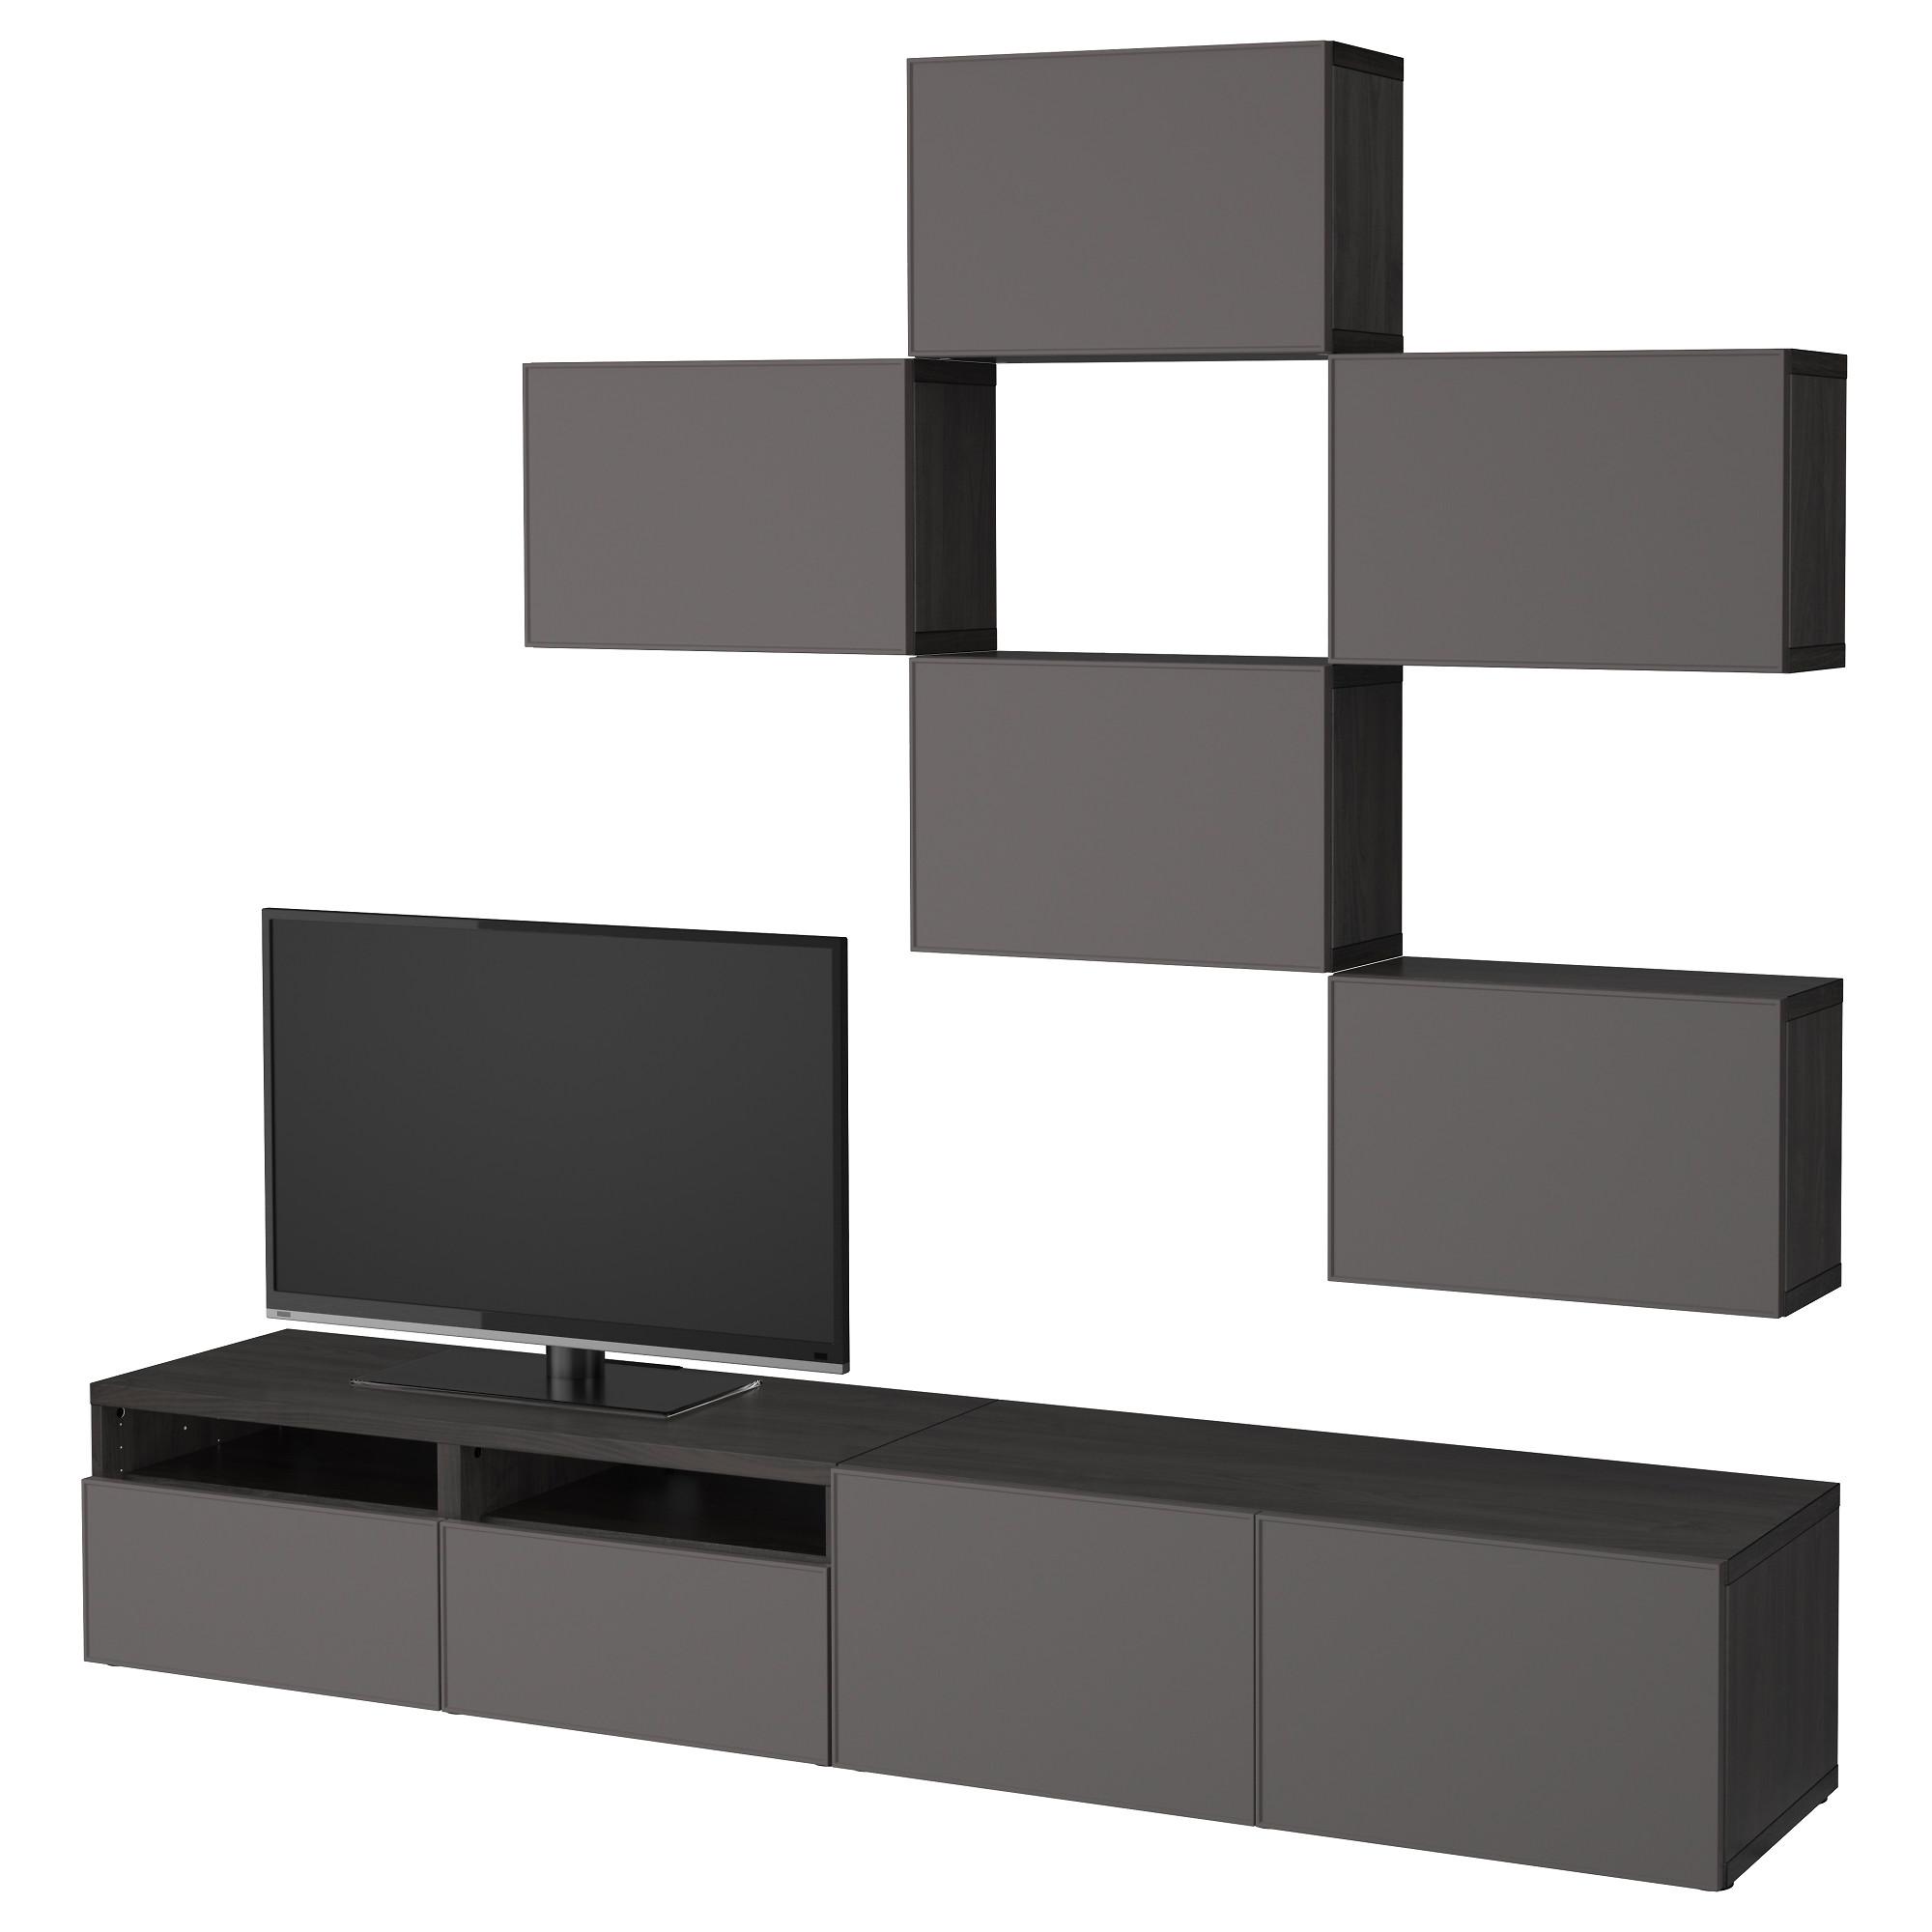 Шкаф для ТВ, комбинация БЕСТО темно-серый артикуль № 892.516.41 в наличии. Интернет магазин IKEA Республика Беларусь. Недорогая доставка и соборка.